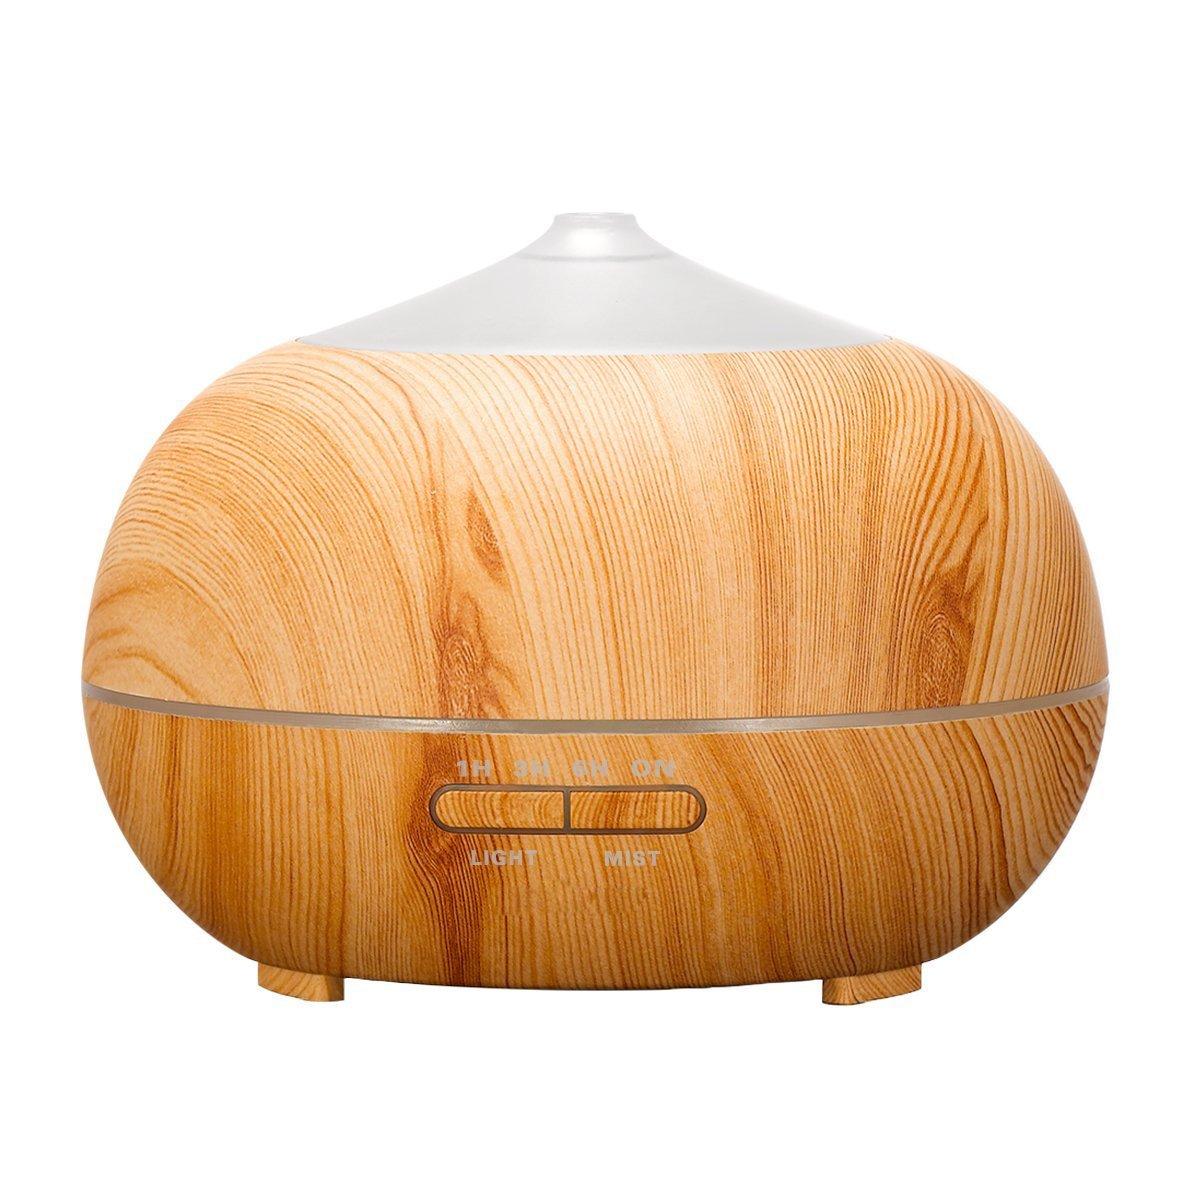 Tenswall ml Humidificador ultrasónico Difusor aromatherapie humidificador de aceites esenciales humidificador grano